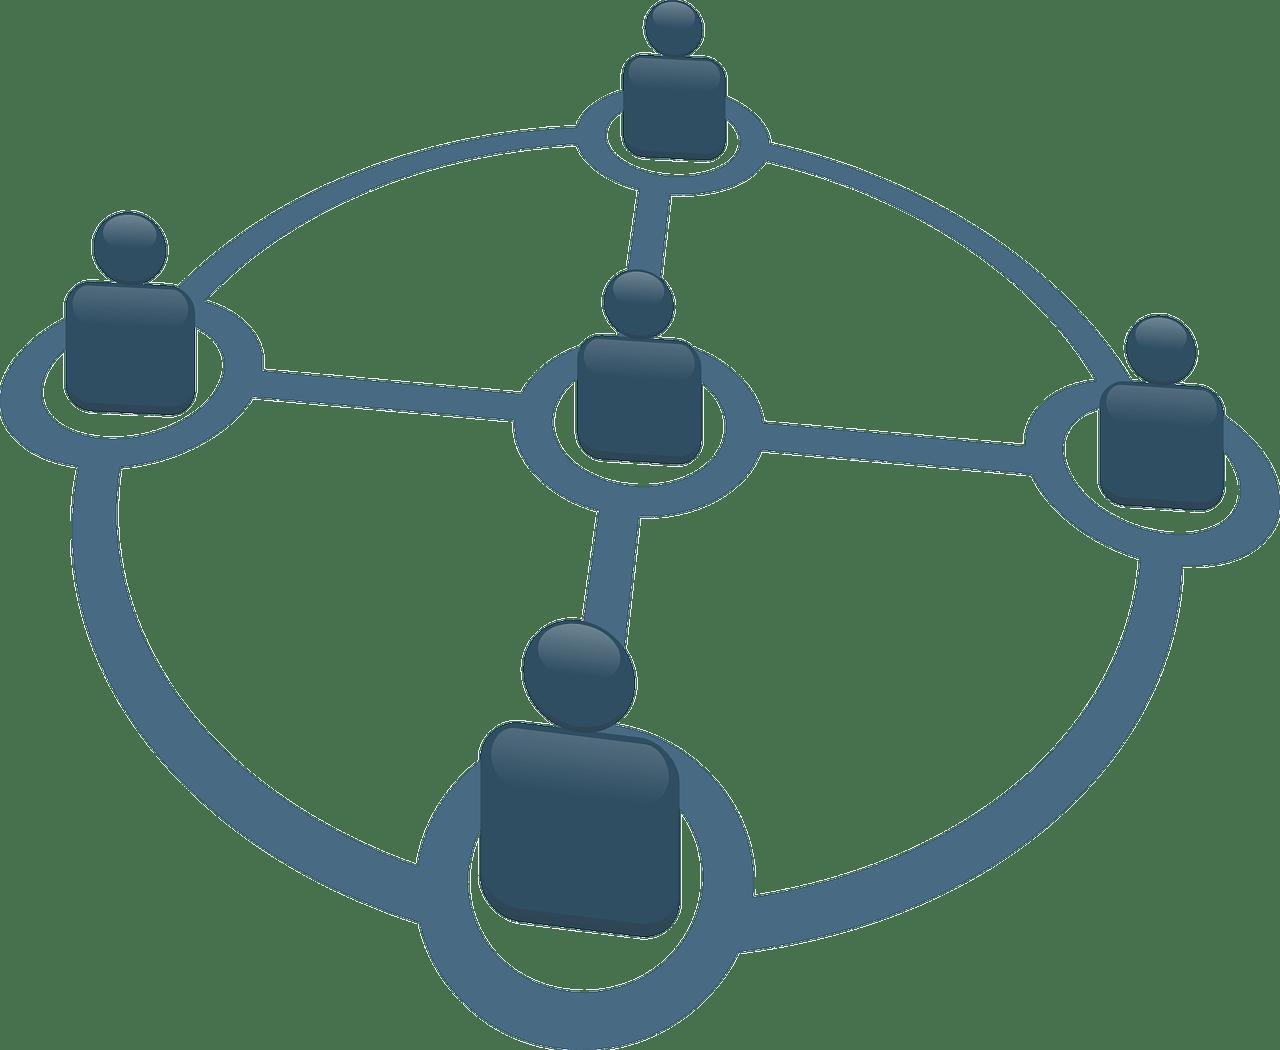 Вакансии РЖД в сфере: Государственная служба, некоммерческие организации